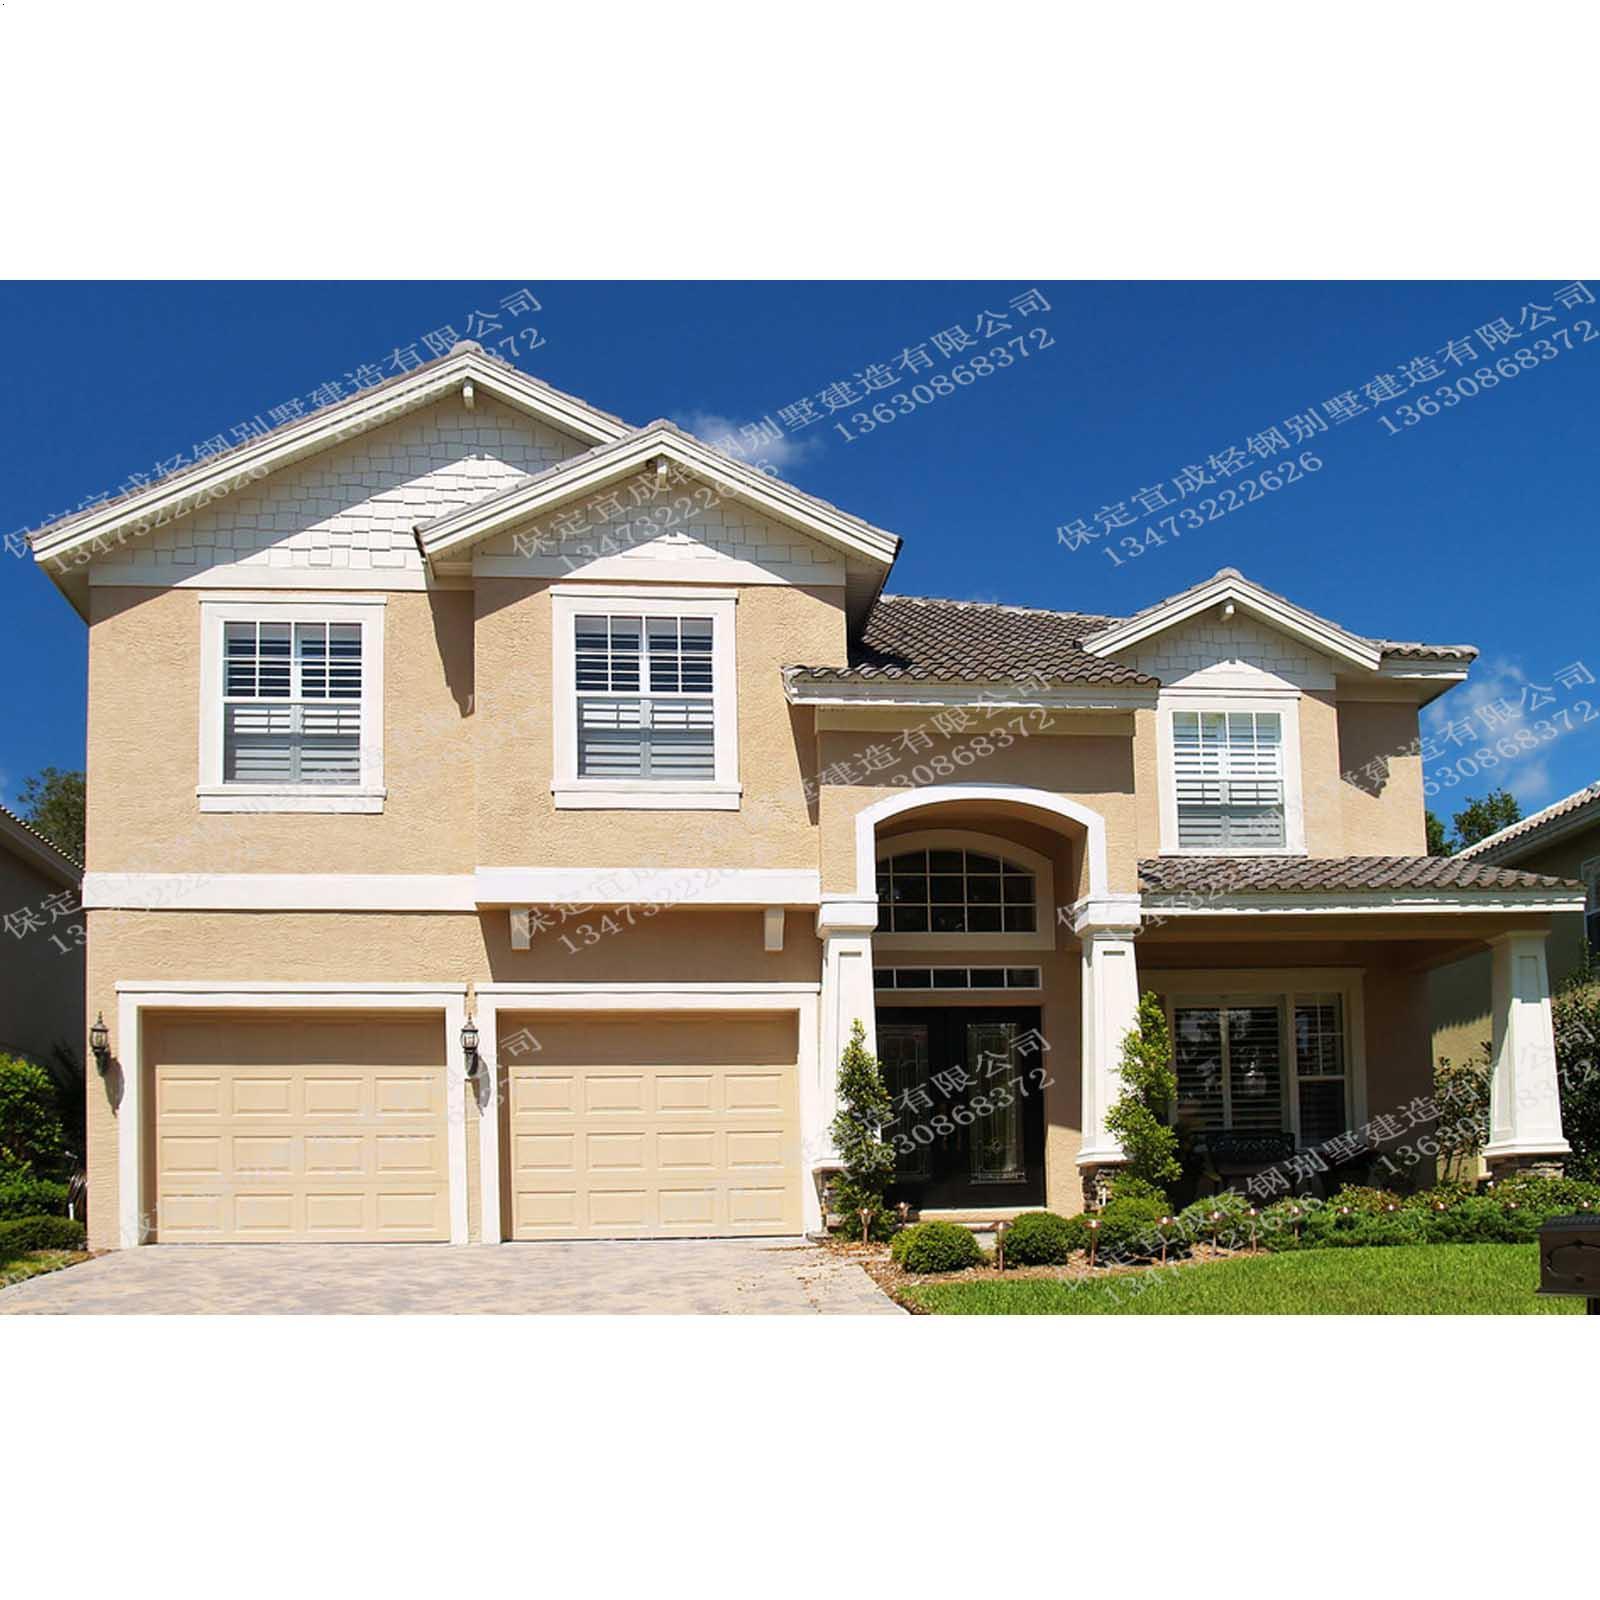 楼板多采用压型钢板衬底代替模板的钢筋砼结构,屋面板与外墙多采用集